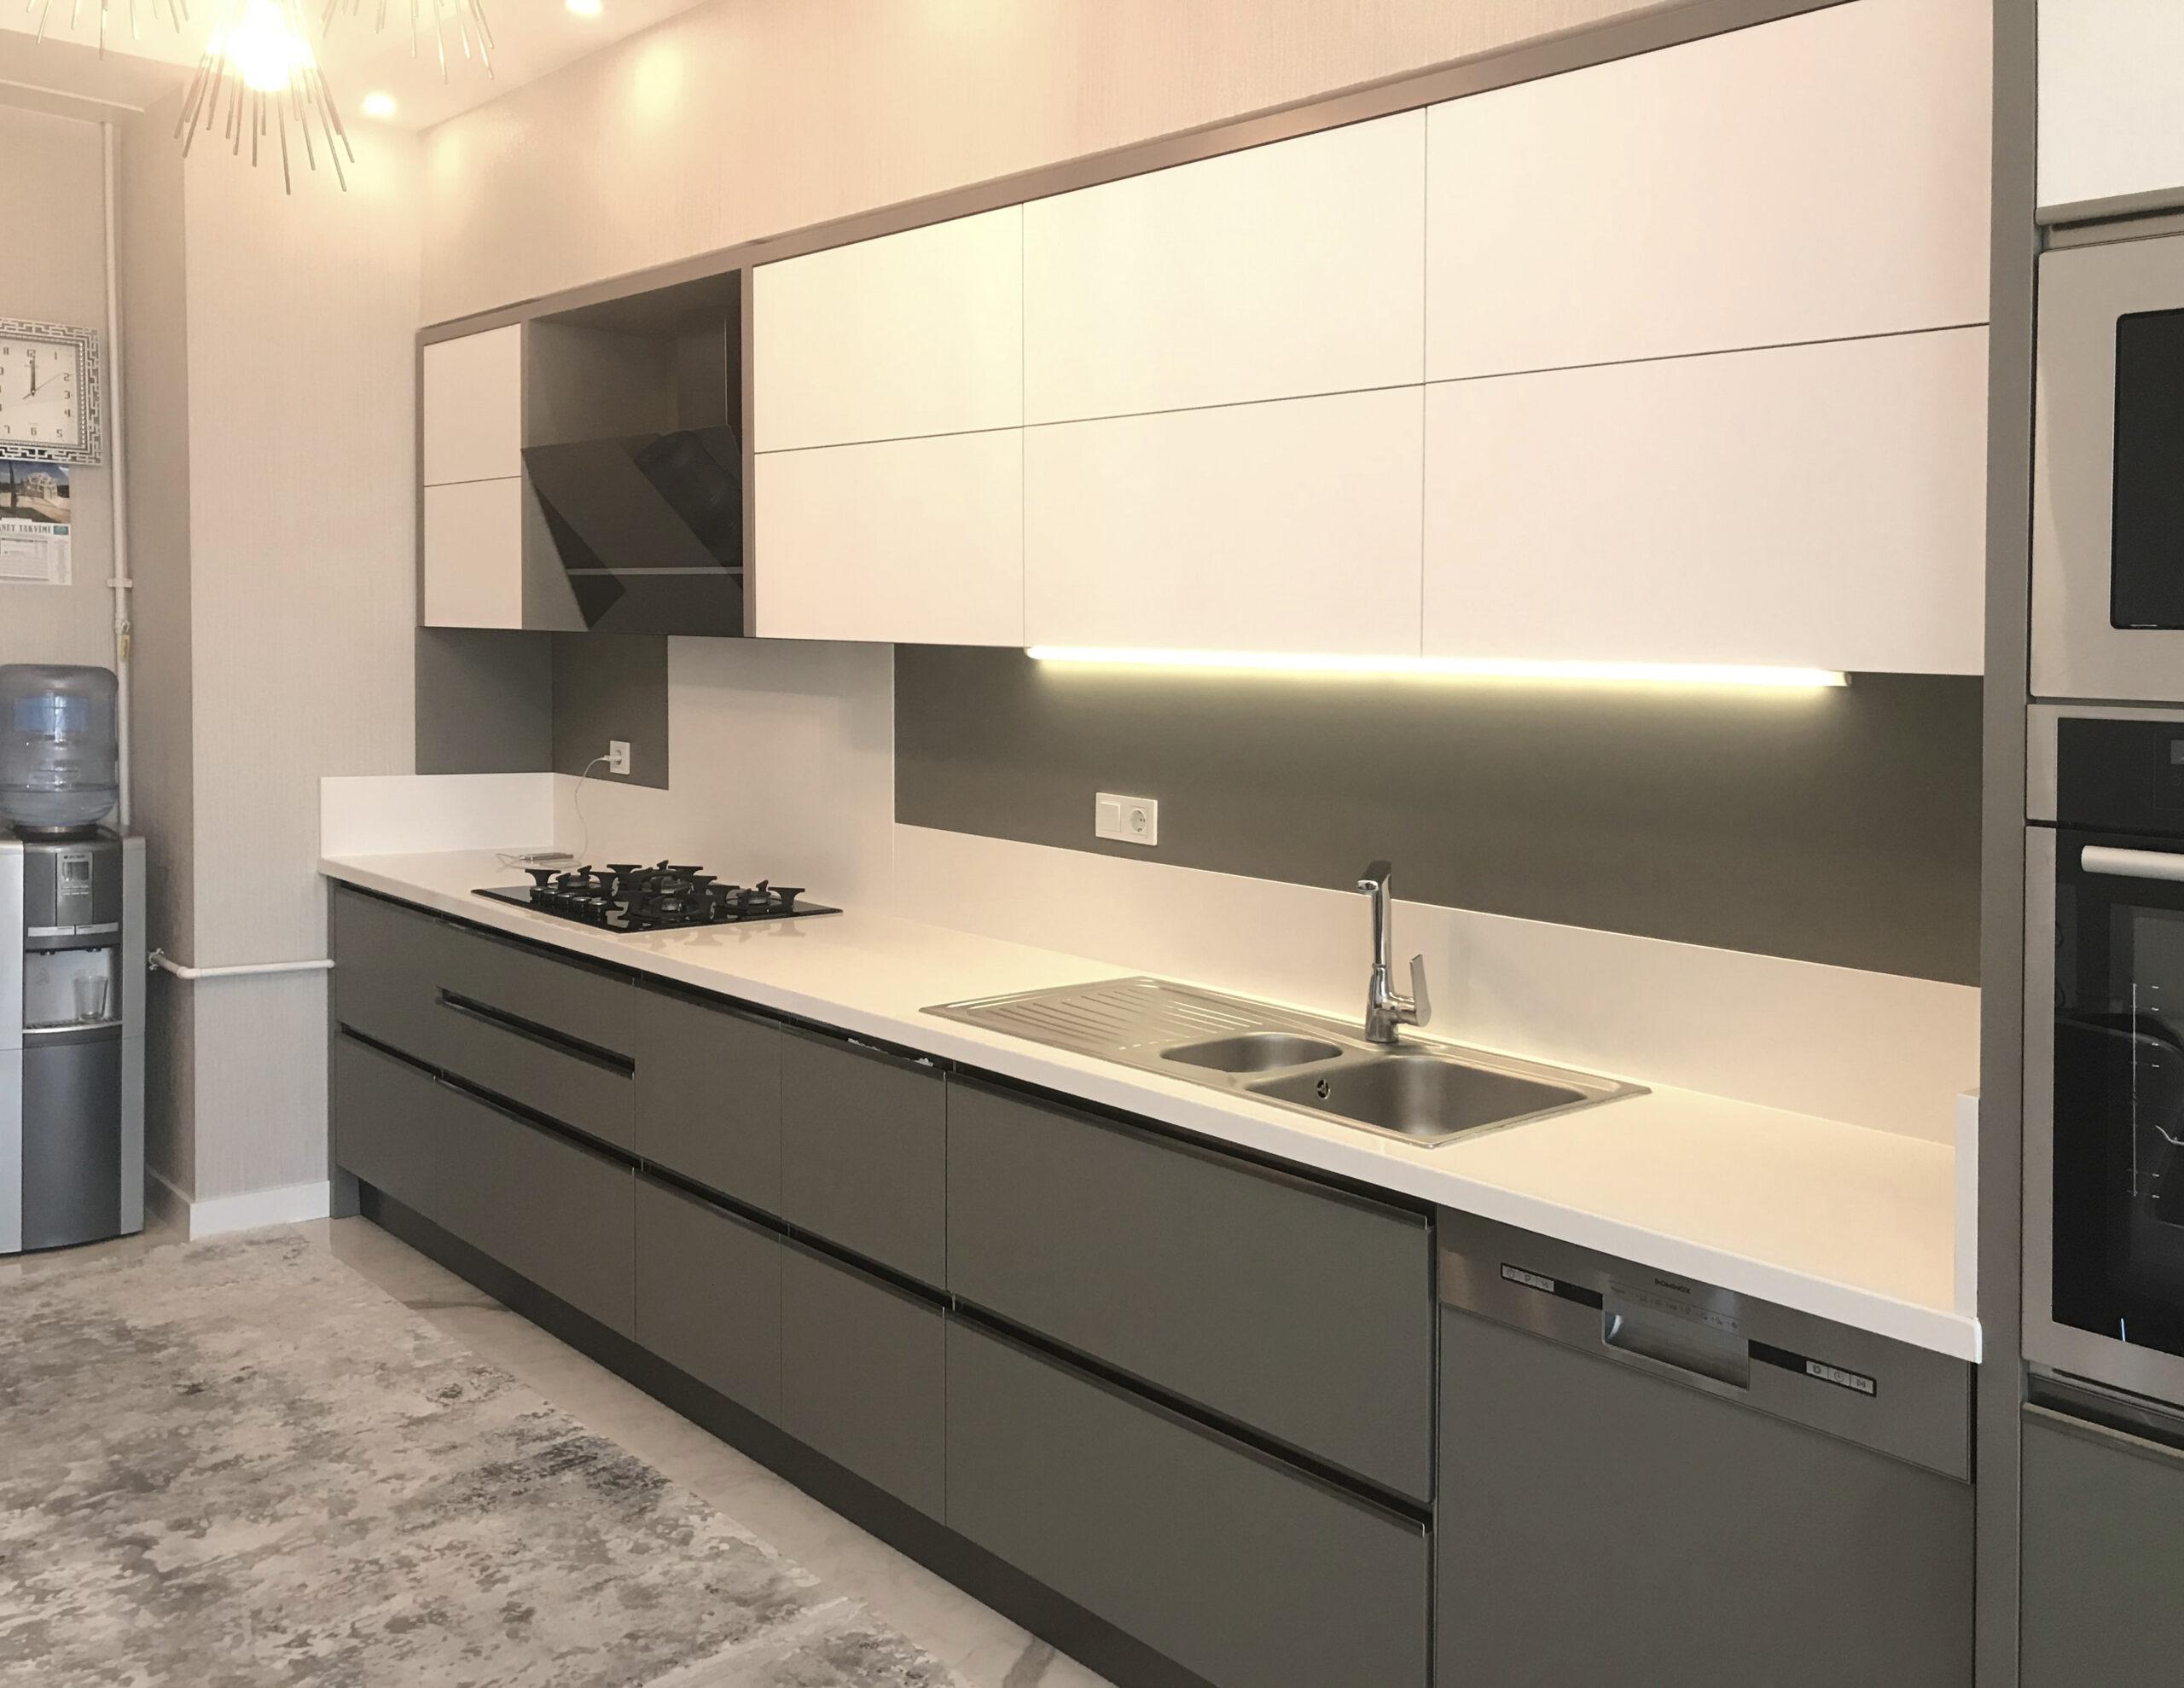 İpek yüzeyli modern mutfak dolabı